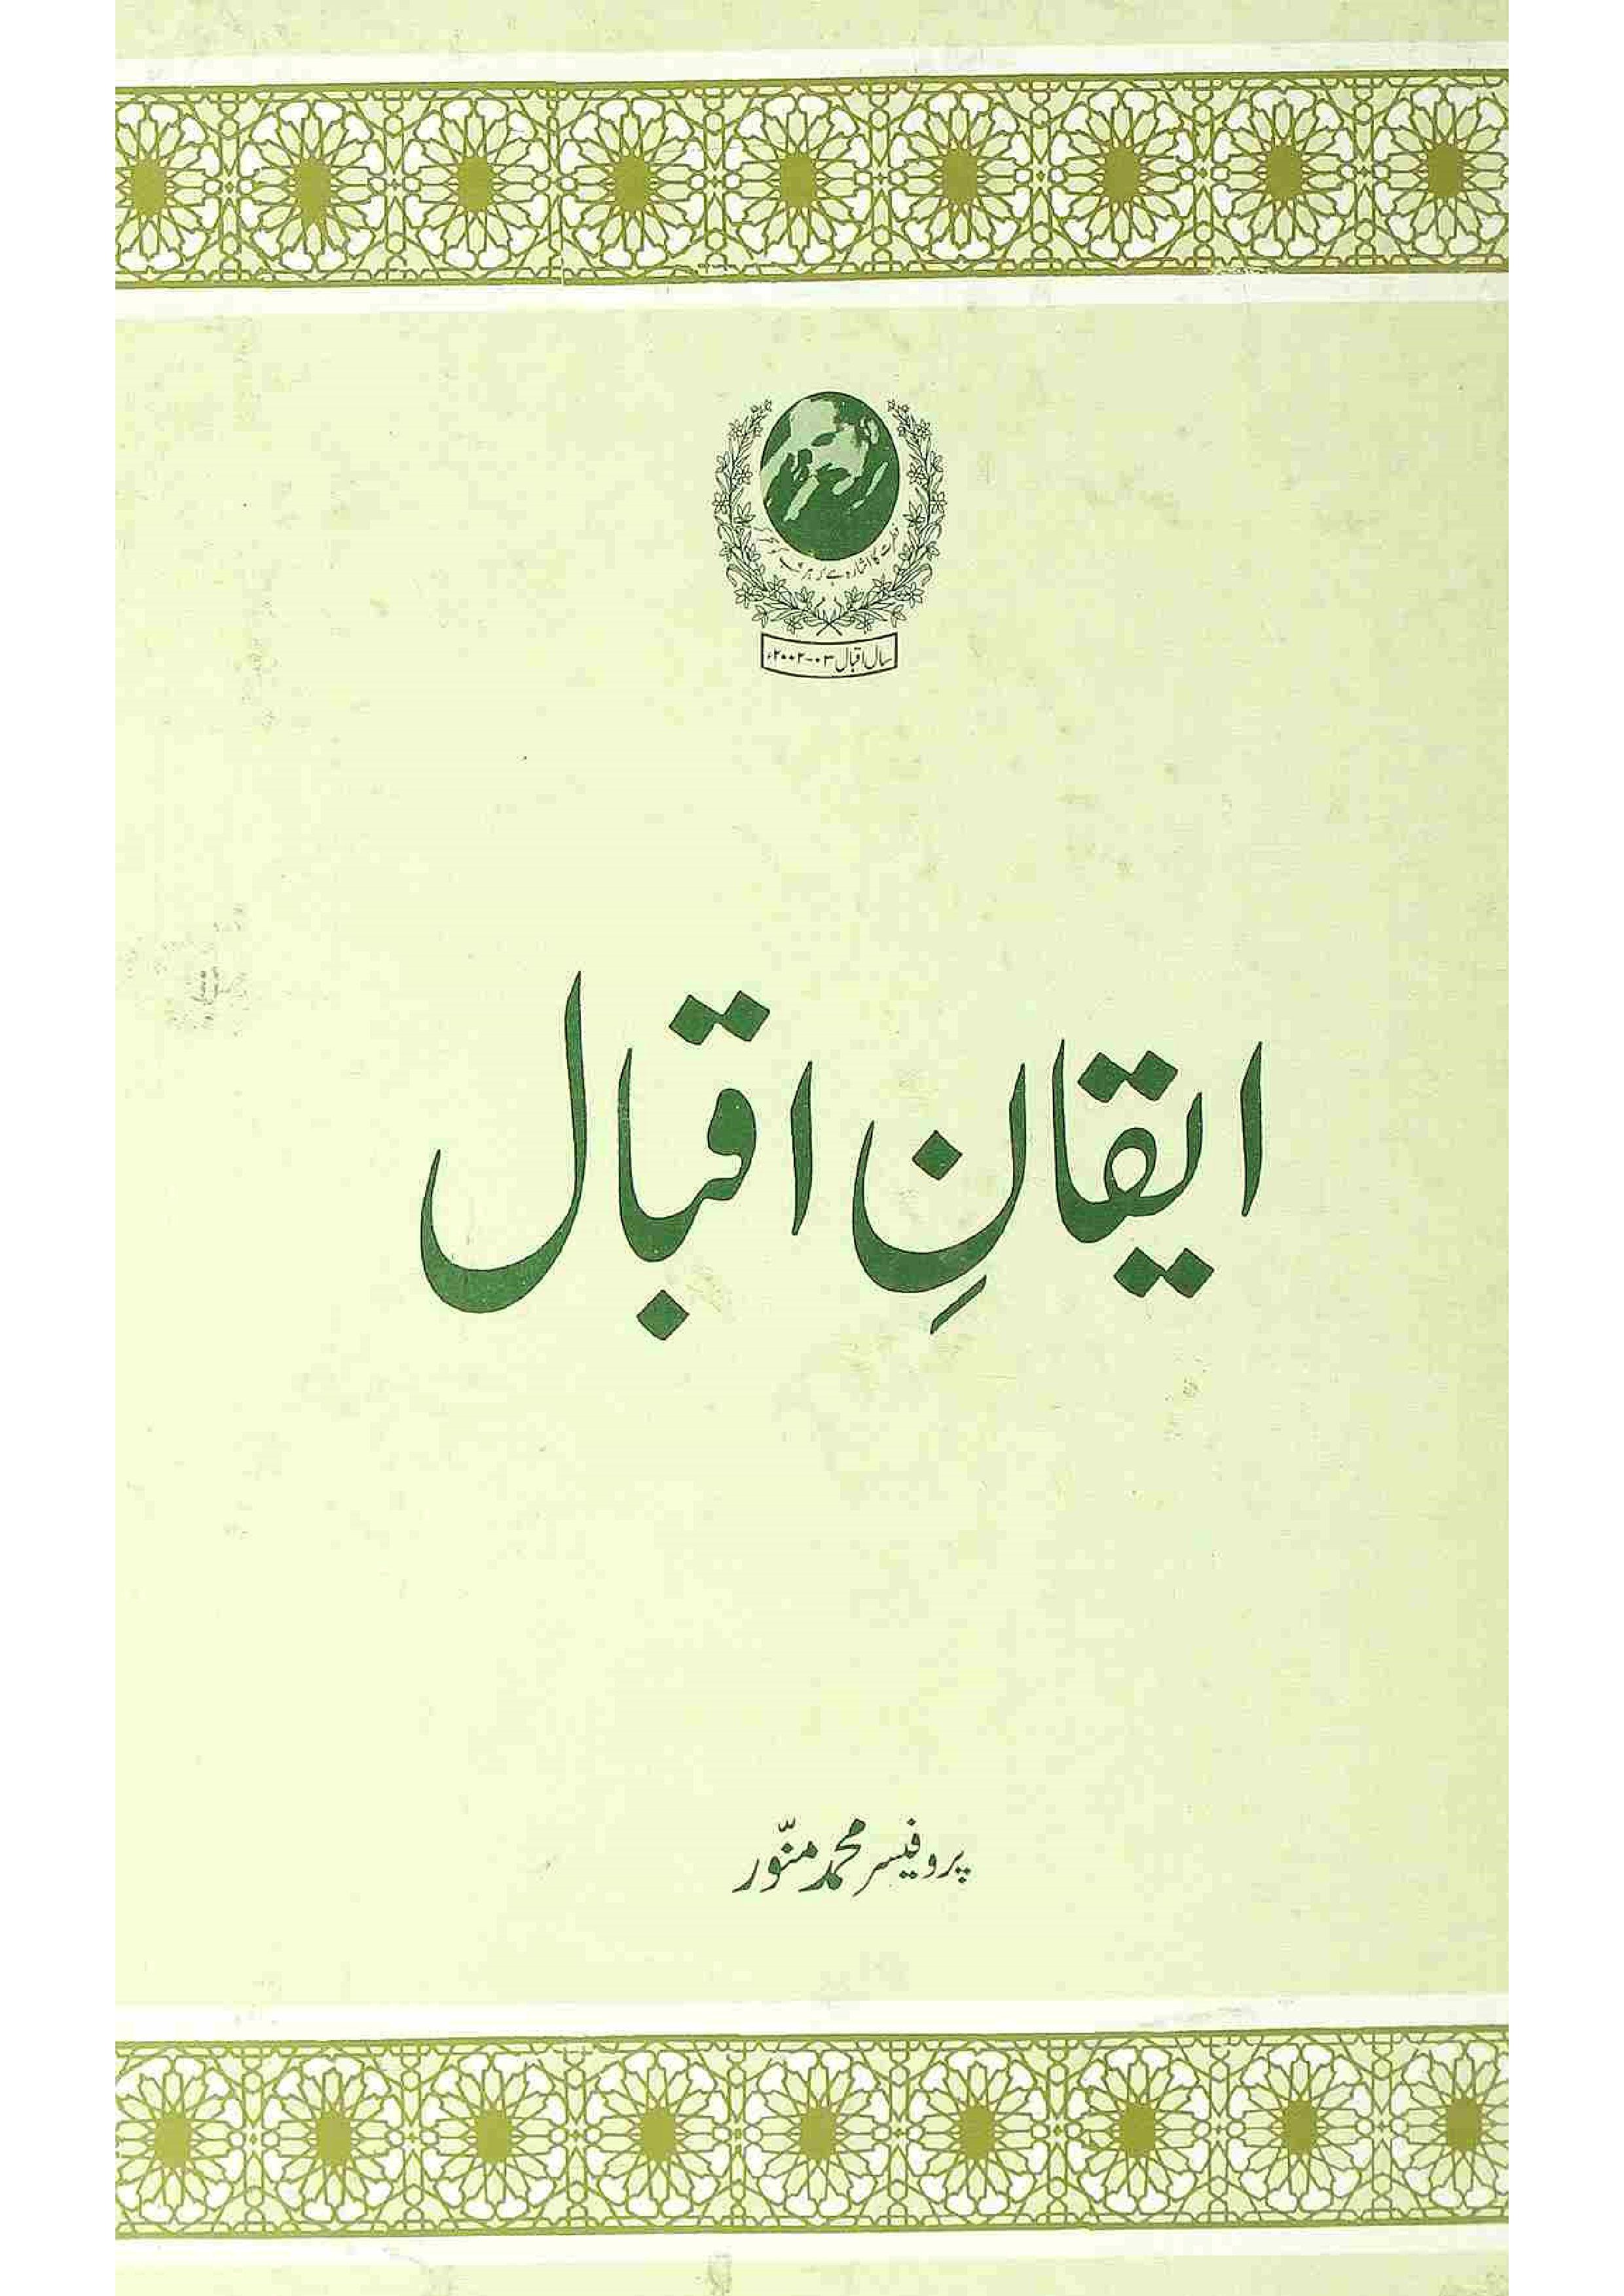 Eeqan-e-Iqbal